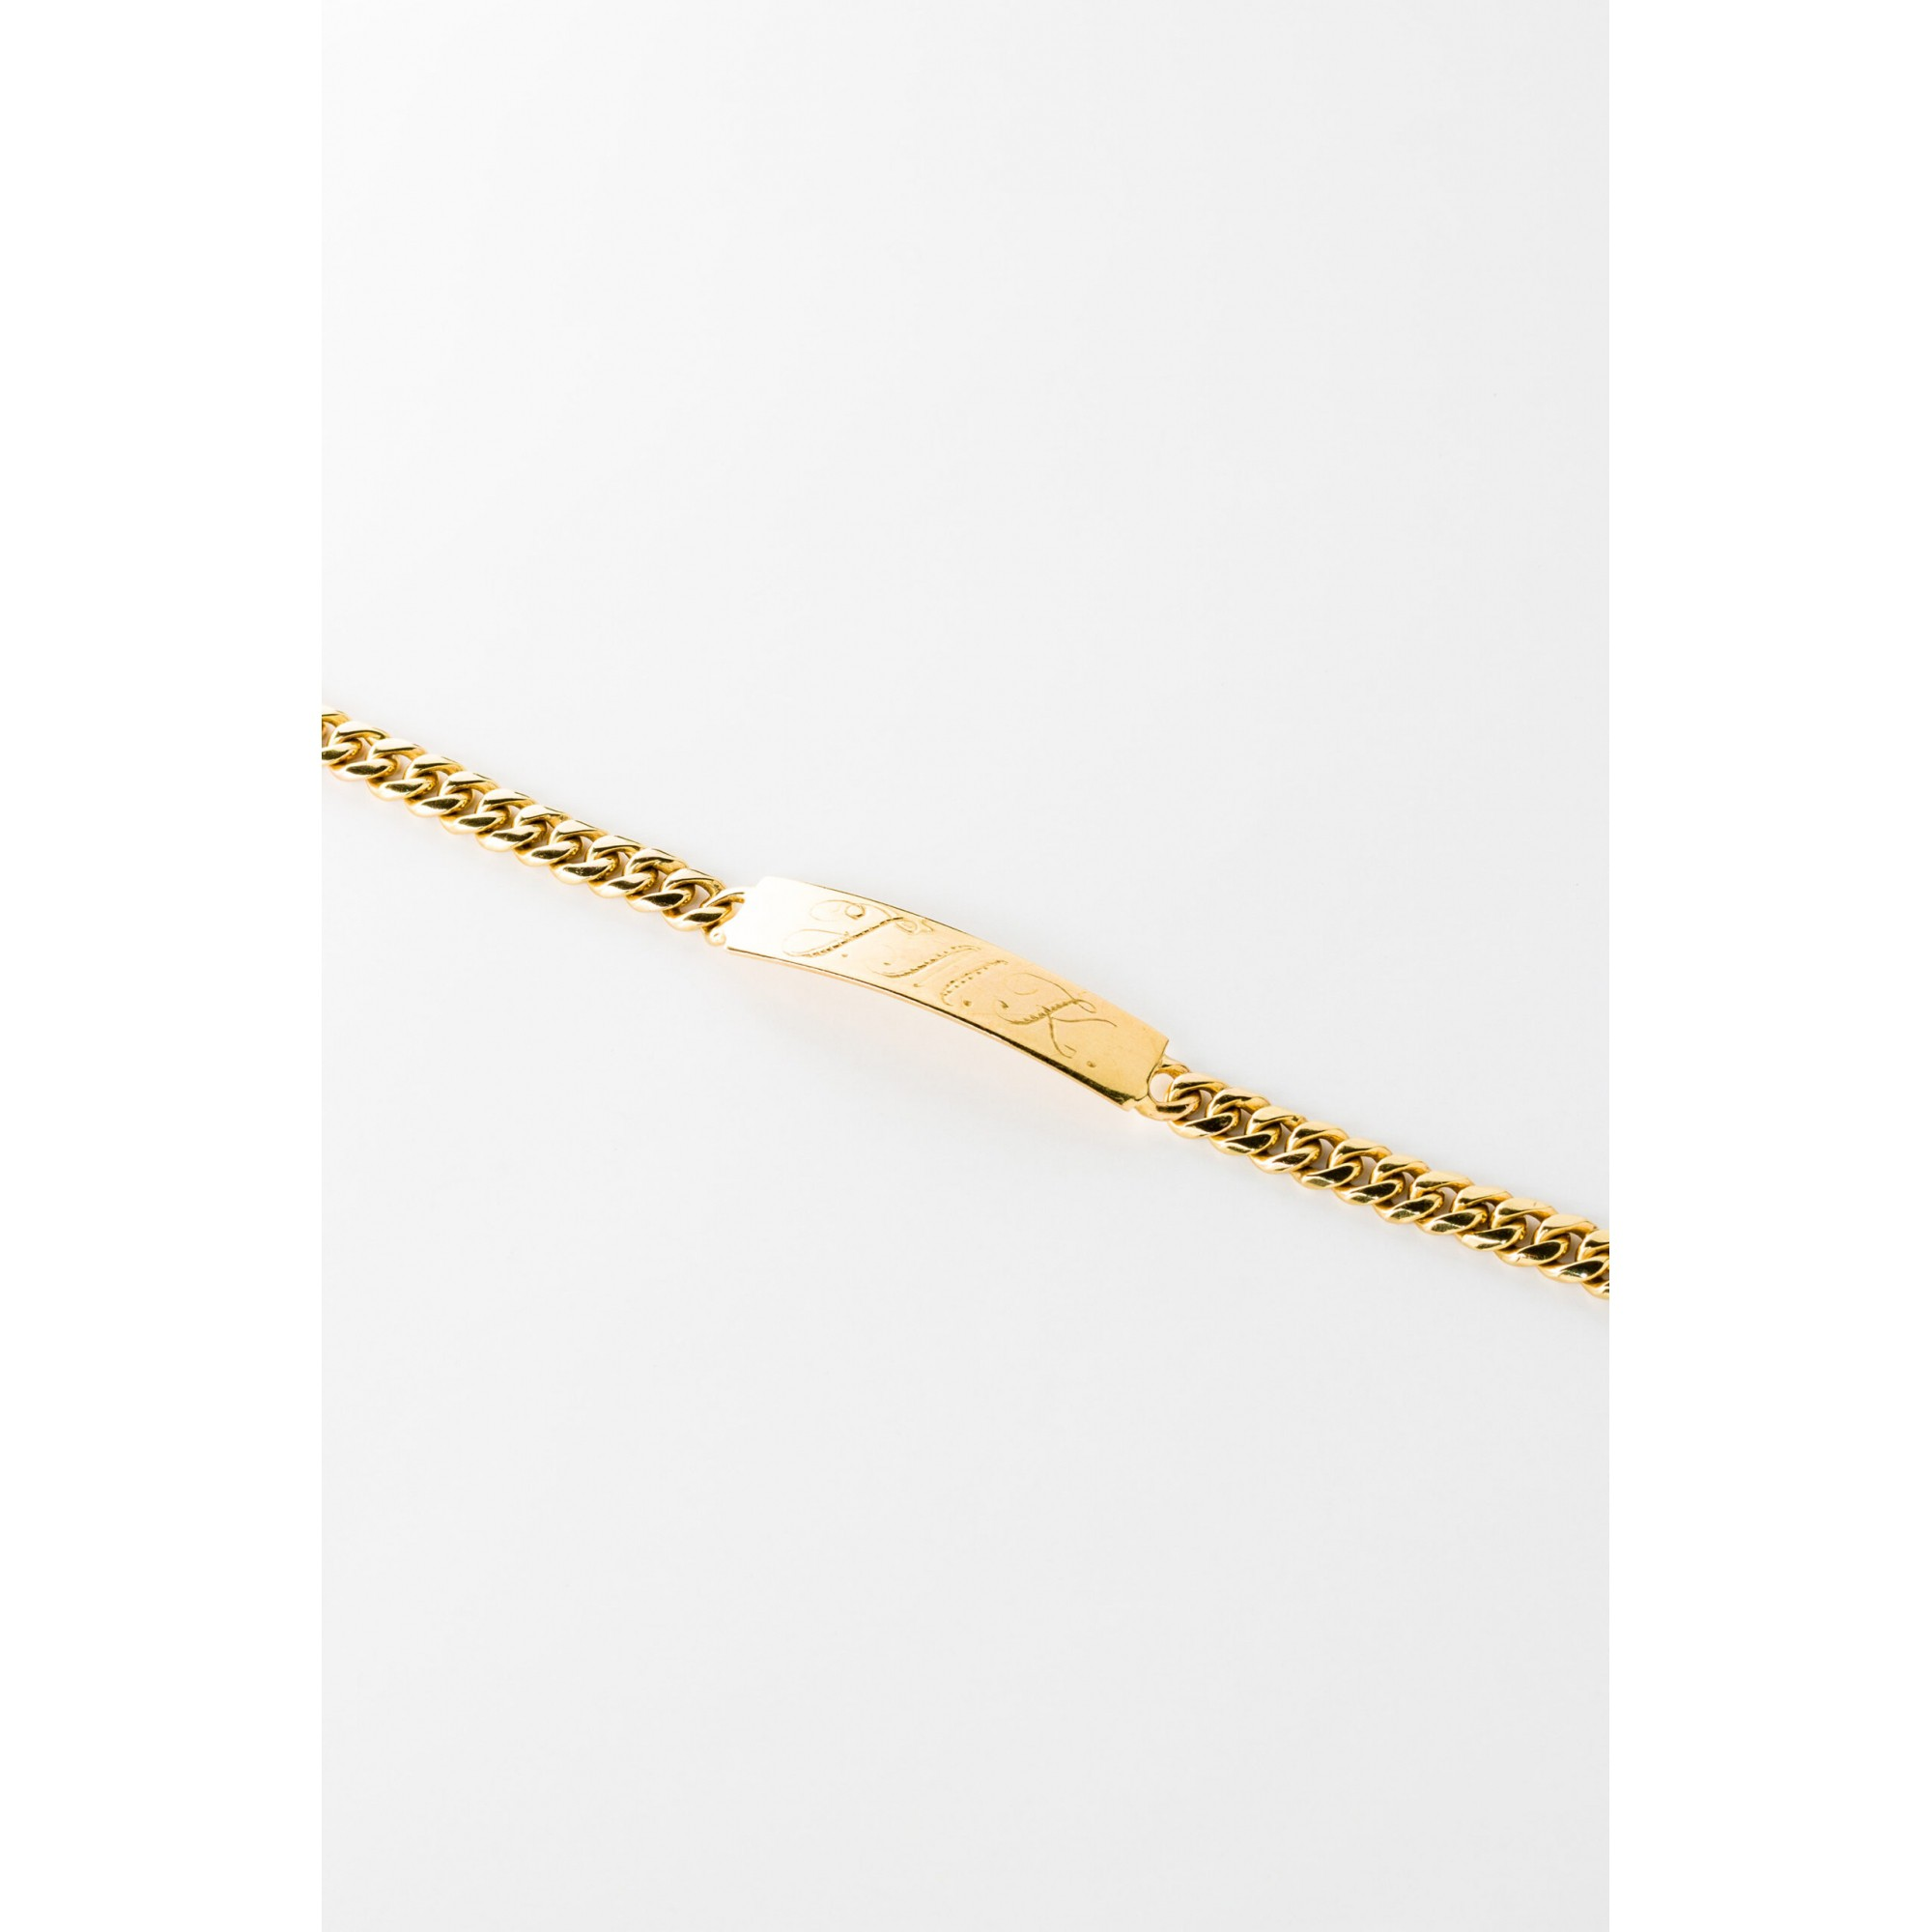 Pulseira de Ouro 18K Personalizável - Coleção Valentines